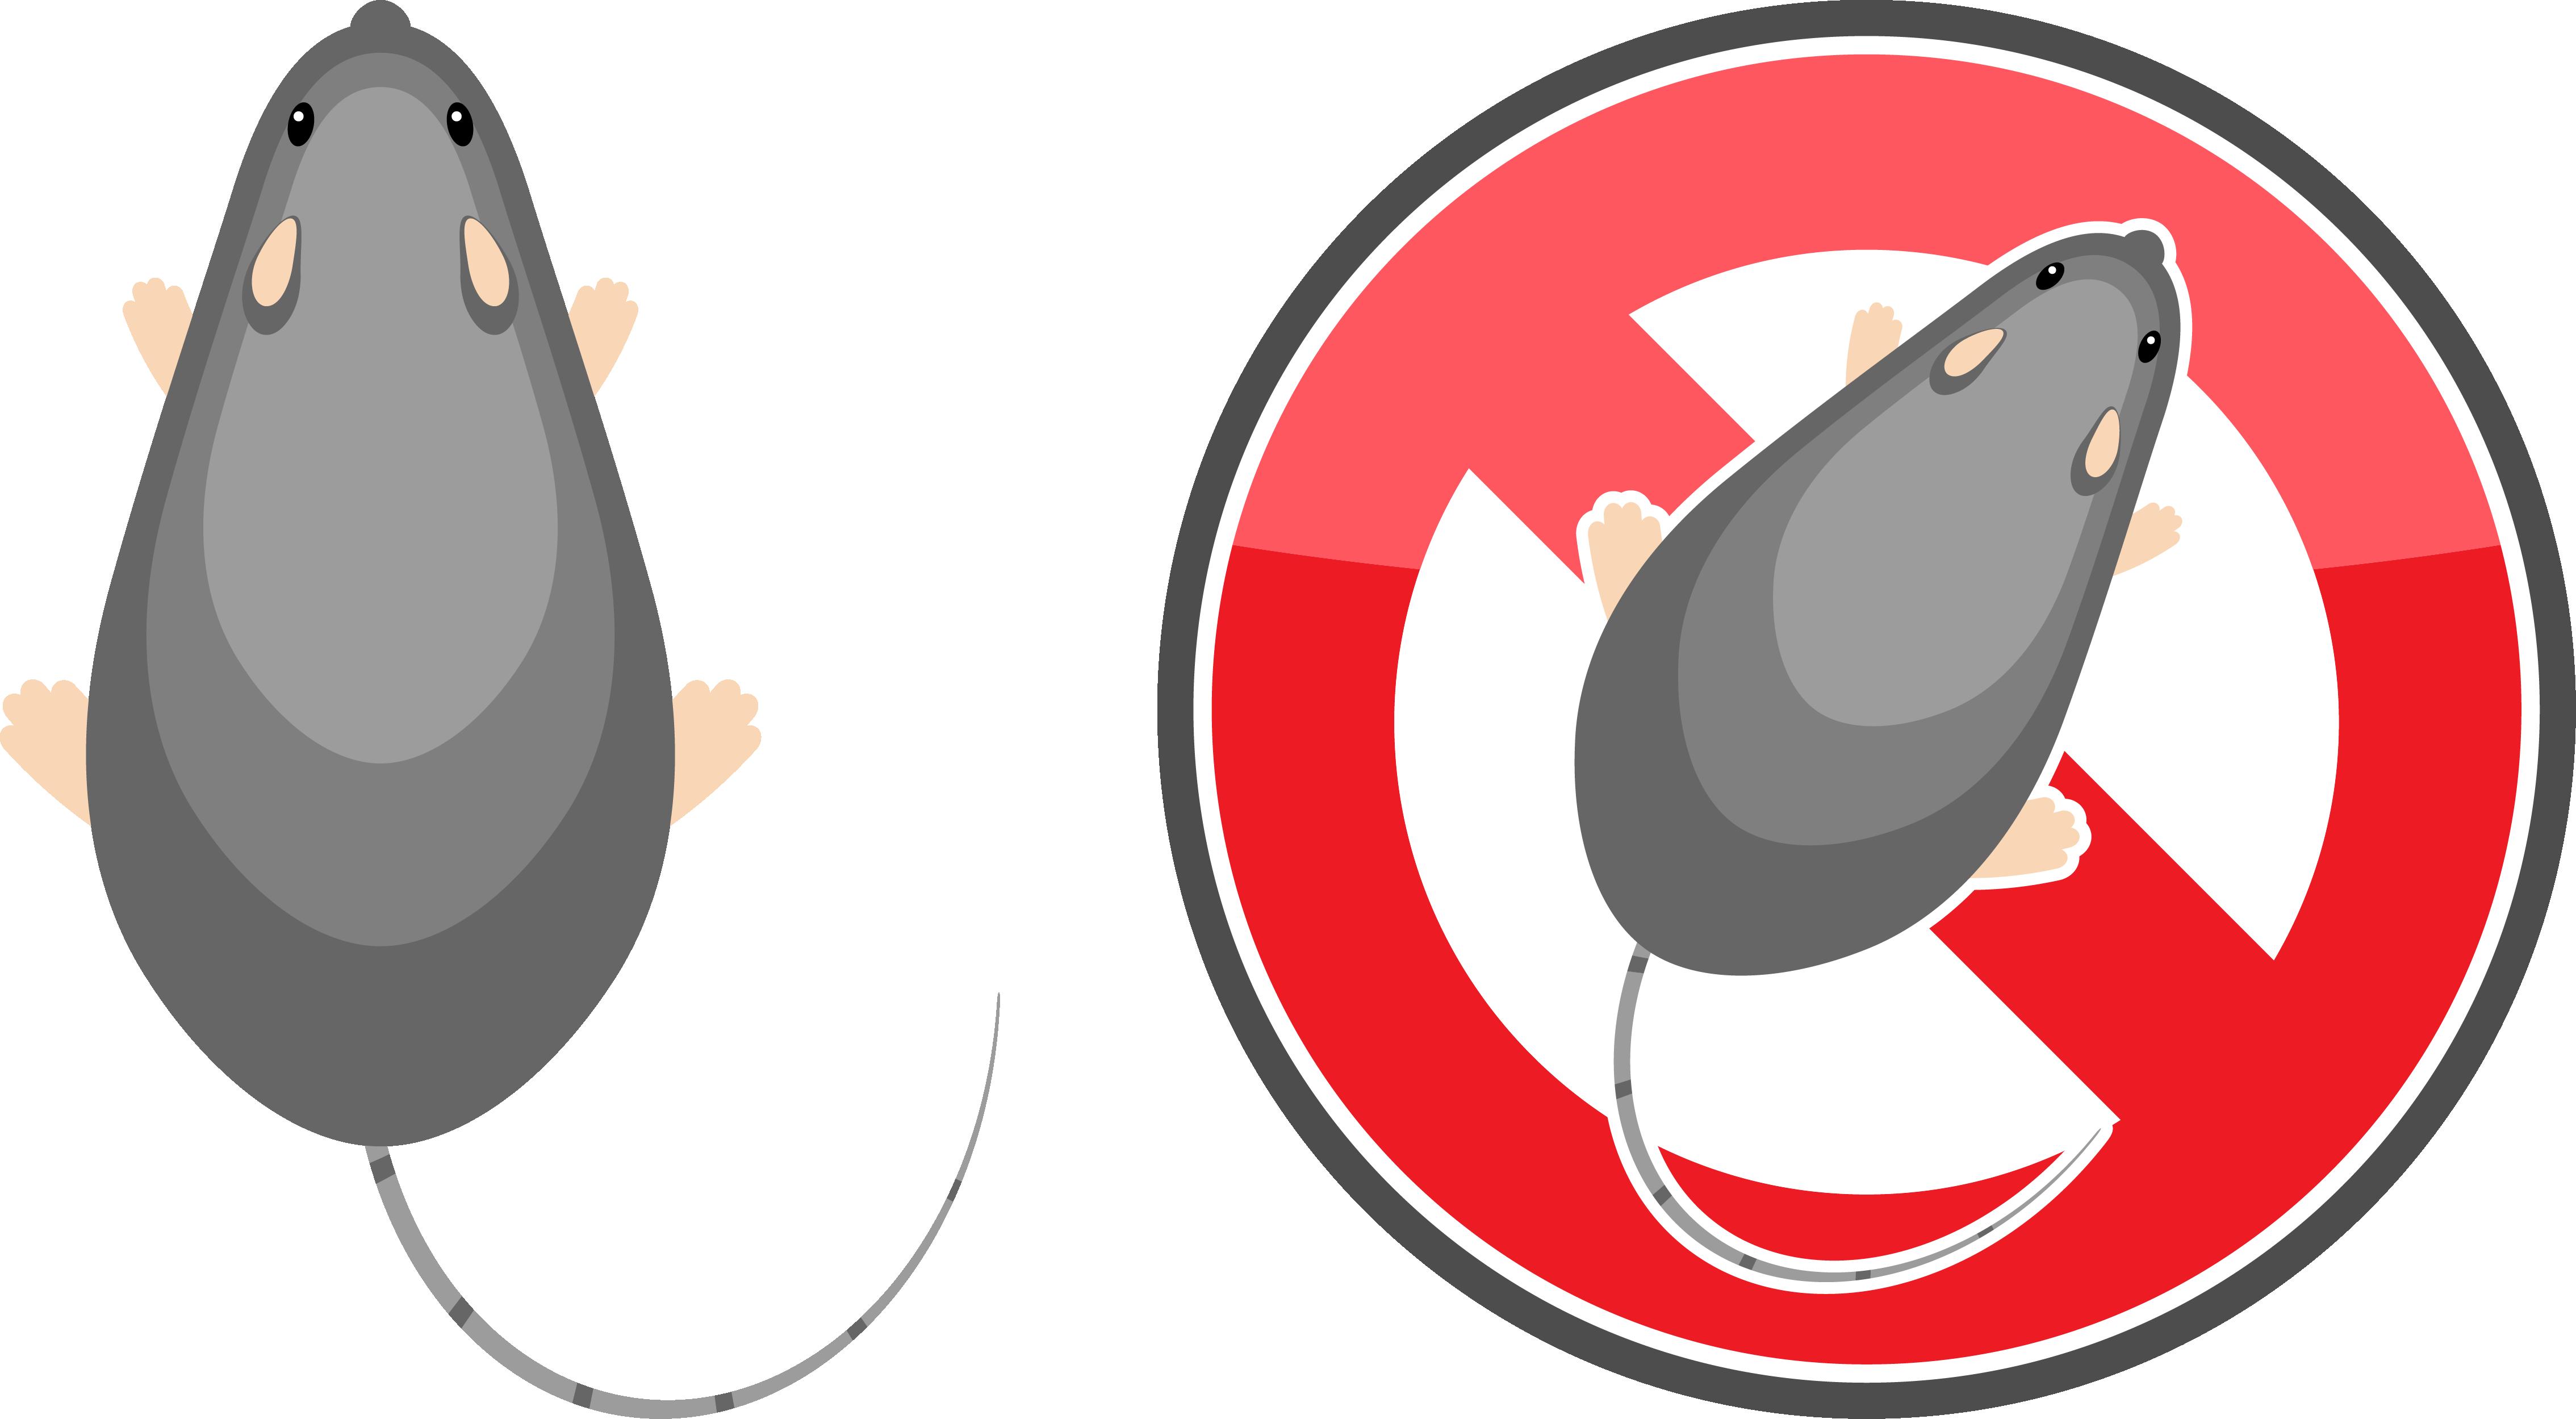 名古屋のネズミ駆除:ネズミ対策はネズミに嫌われること